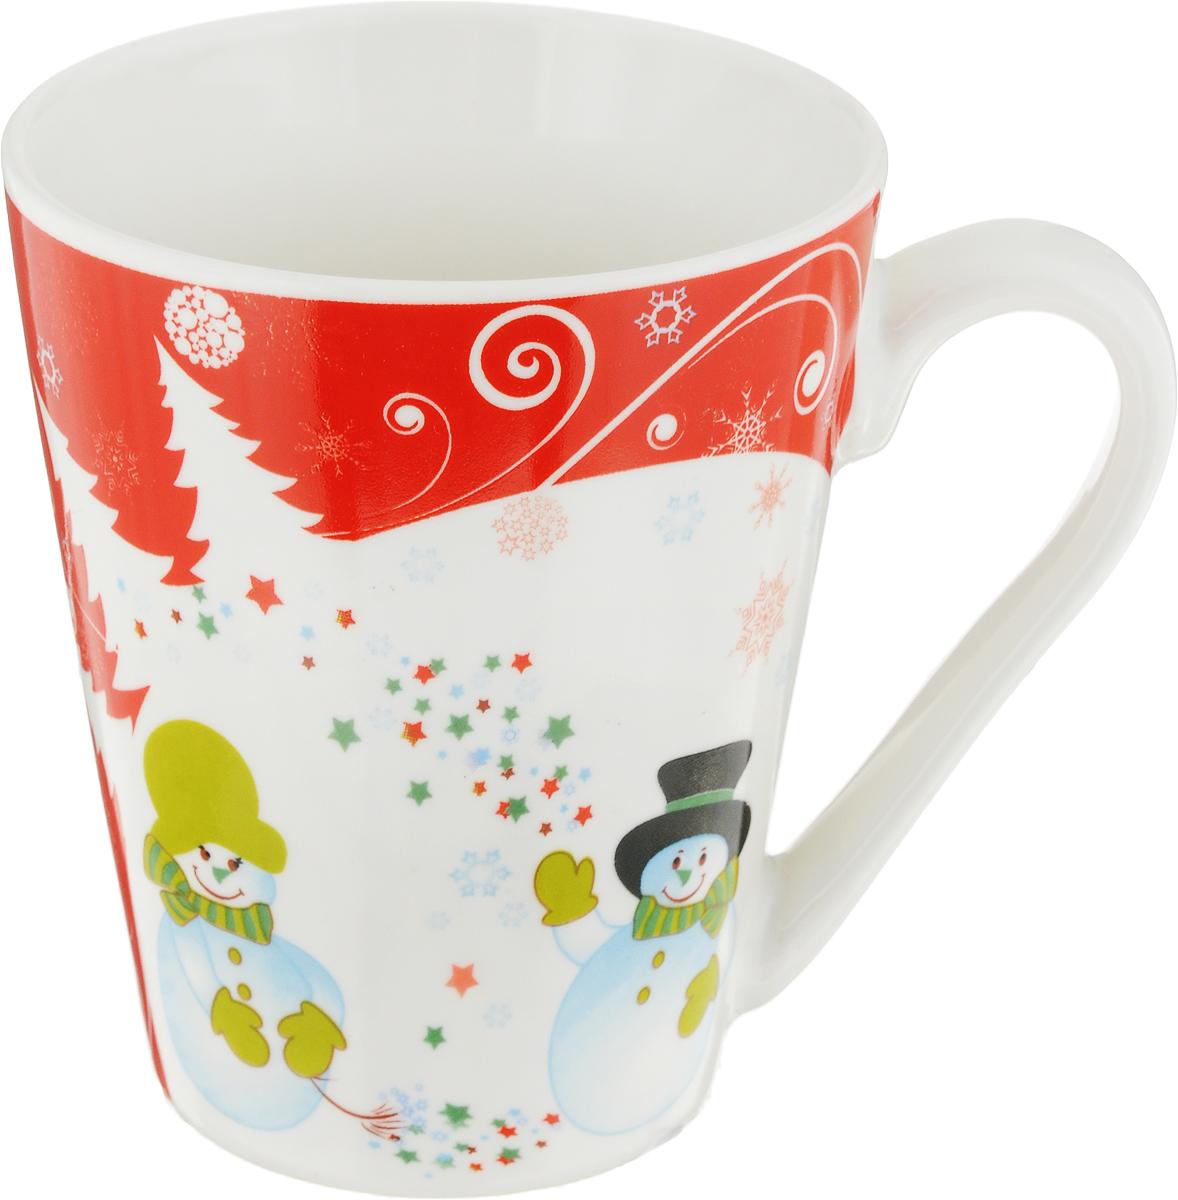 """Фарфоровые кружки """"Home Star"""" с новогодними декорами, с изображением снеговиков на белом фарфоре. Кружка имеет удобную ручку и устойчивое основание. Все фарфоровые кружки """"Home Star"""" можно использовать в СВЧ и мыть в посудомоечной машине."""